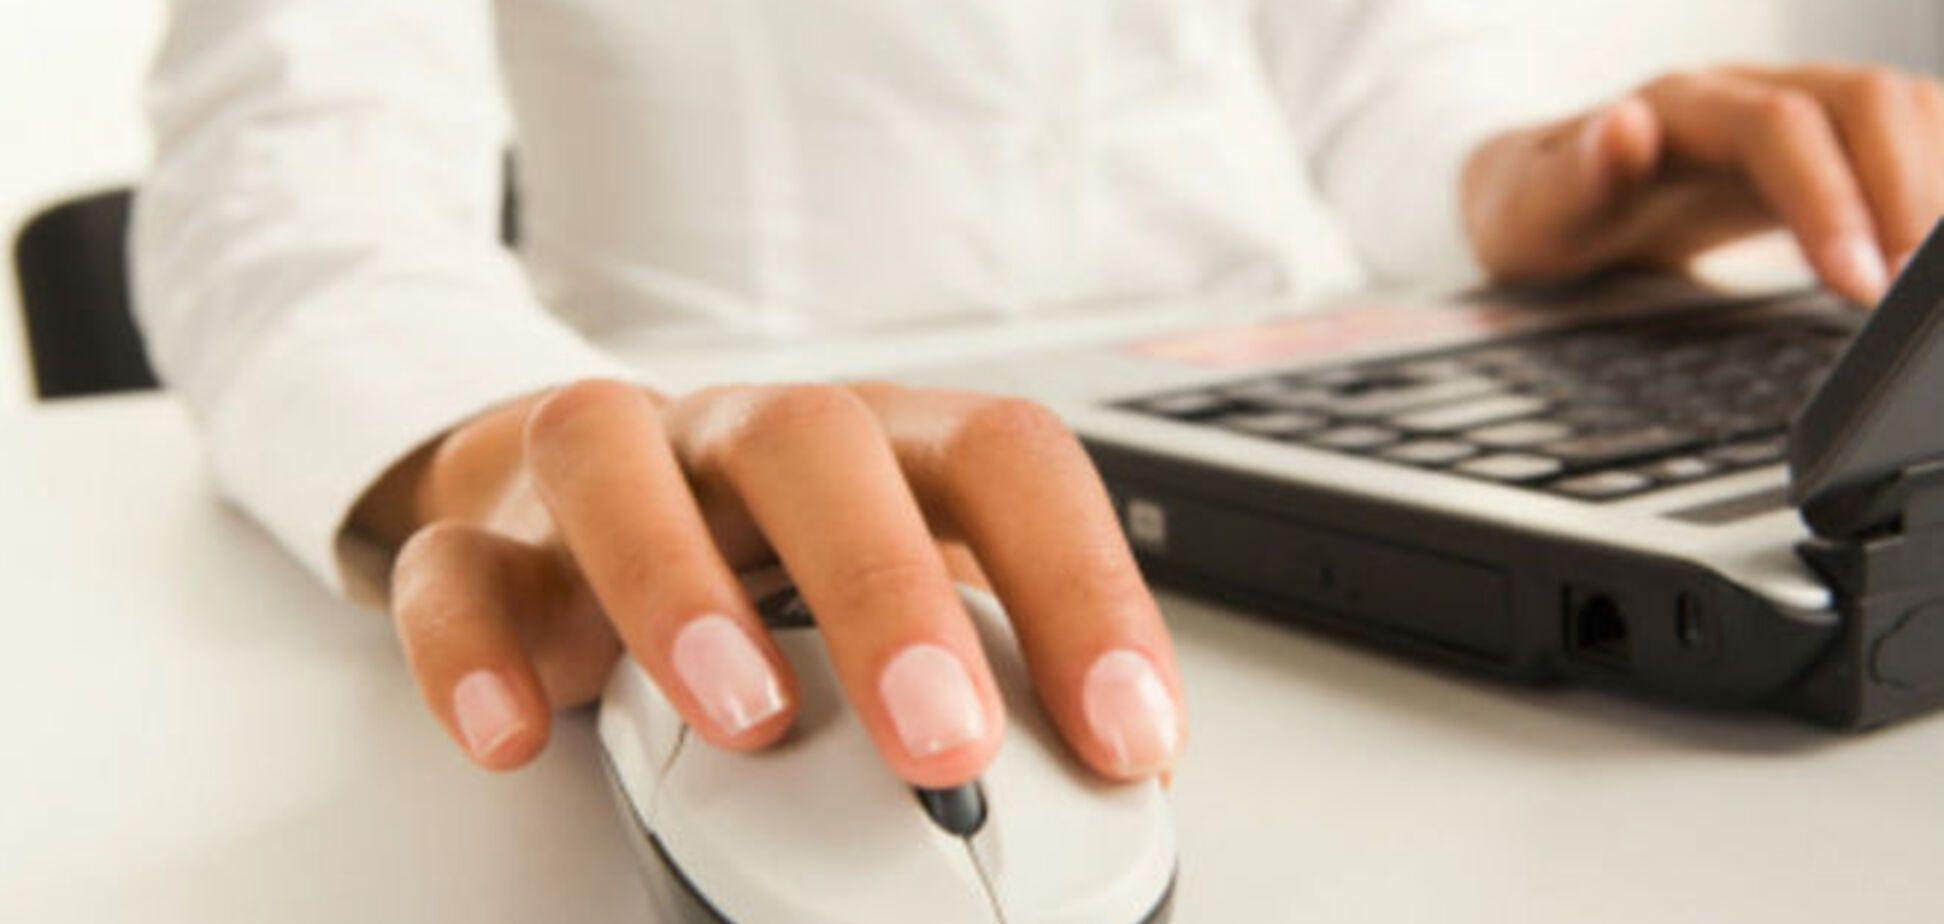 Как спасти руки от 'мышиной' болезни: советы офисным работникам